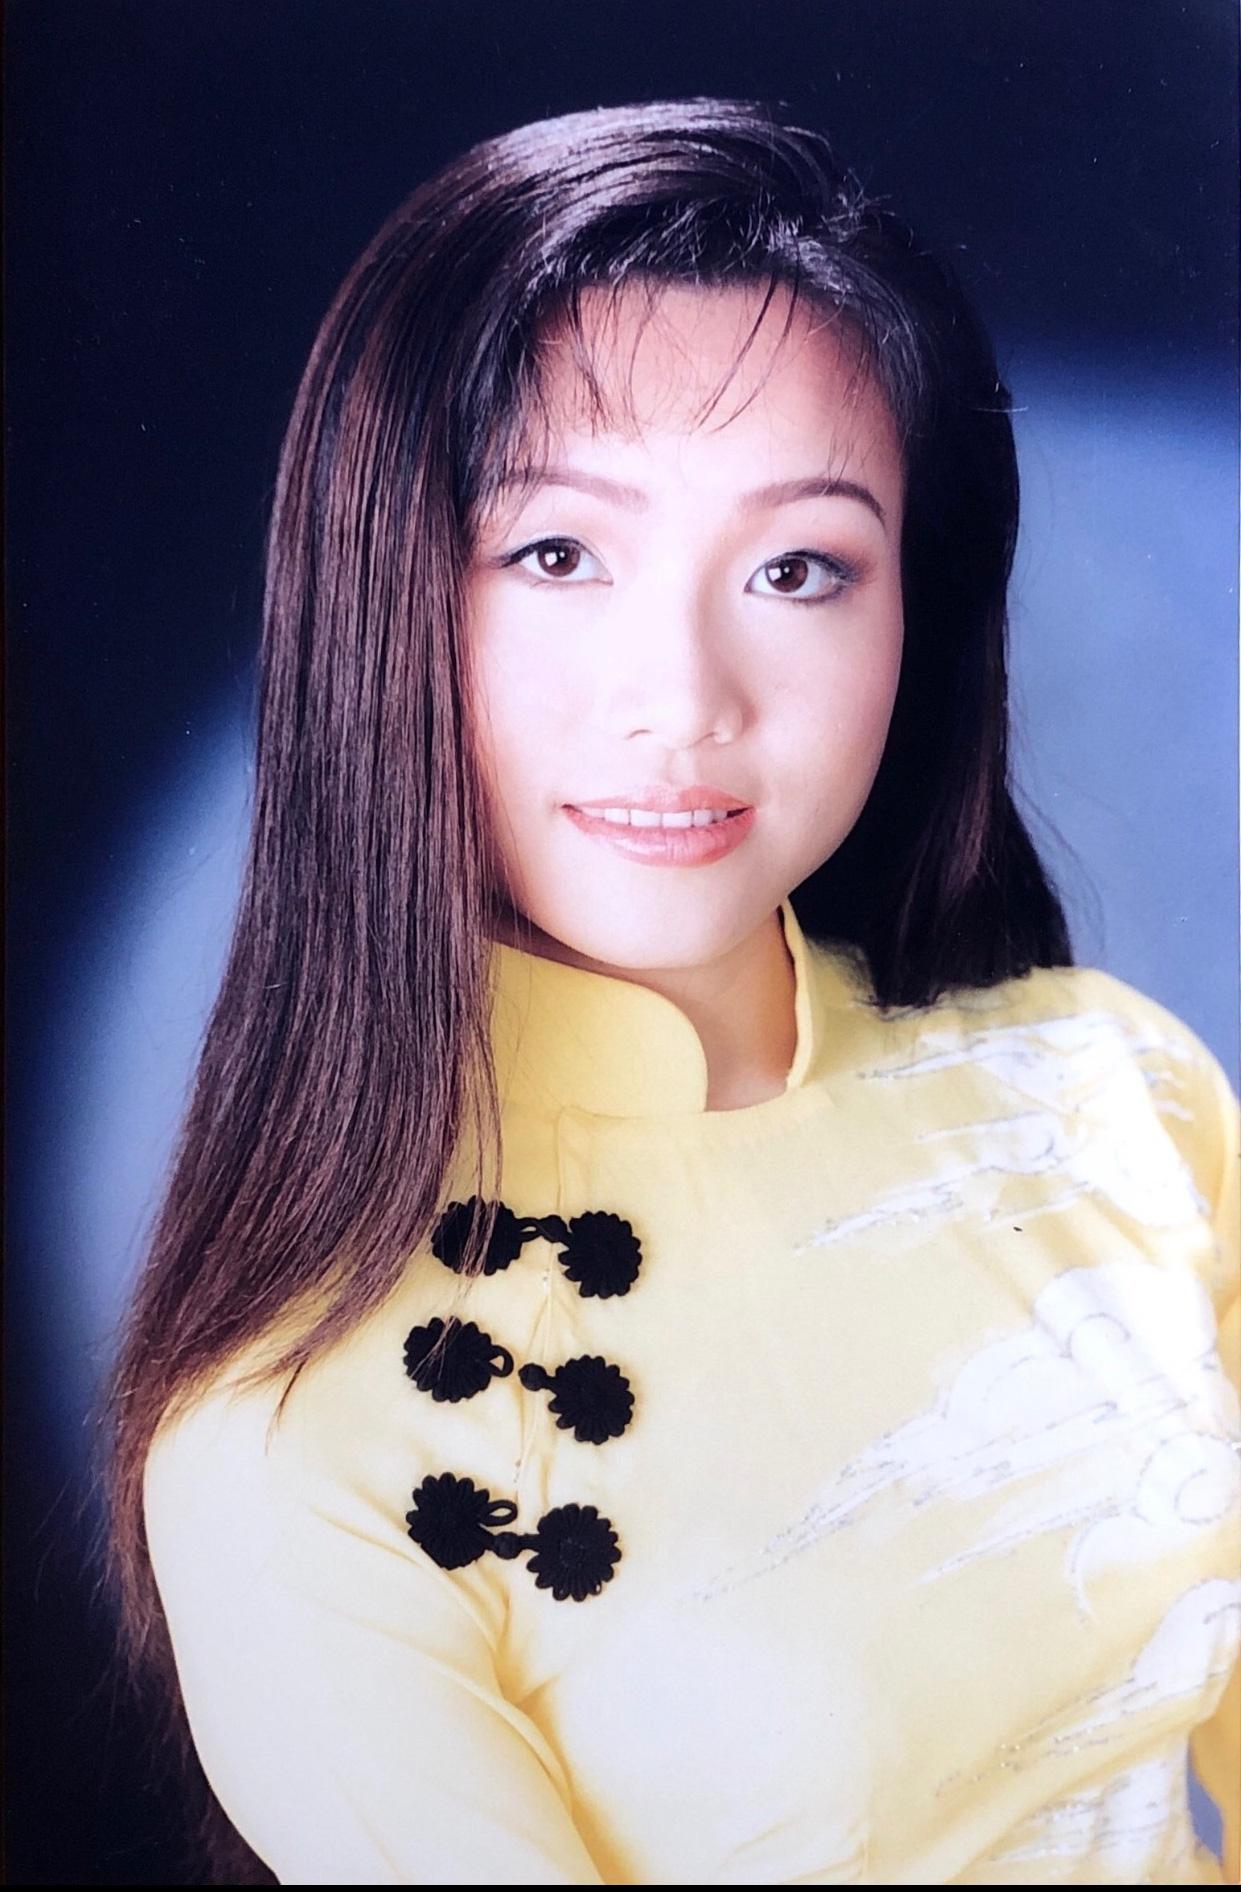 Nhan sắc thời trẻ và điều ít biết về Nữ hoàng nhạc sến miền Tây Hoàng Châu-9